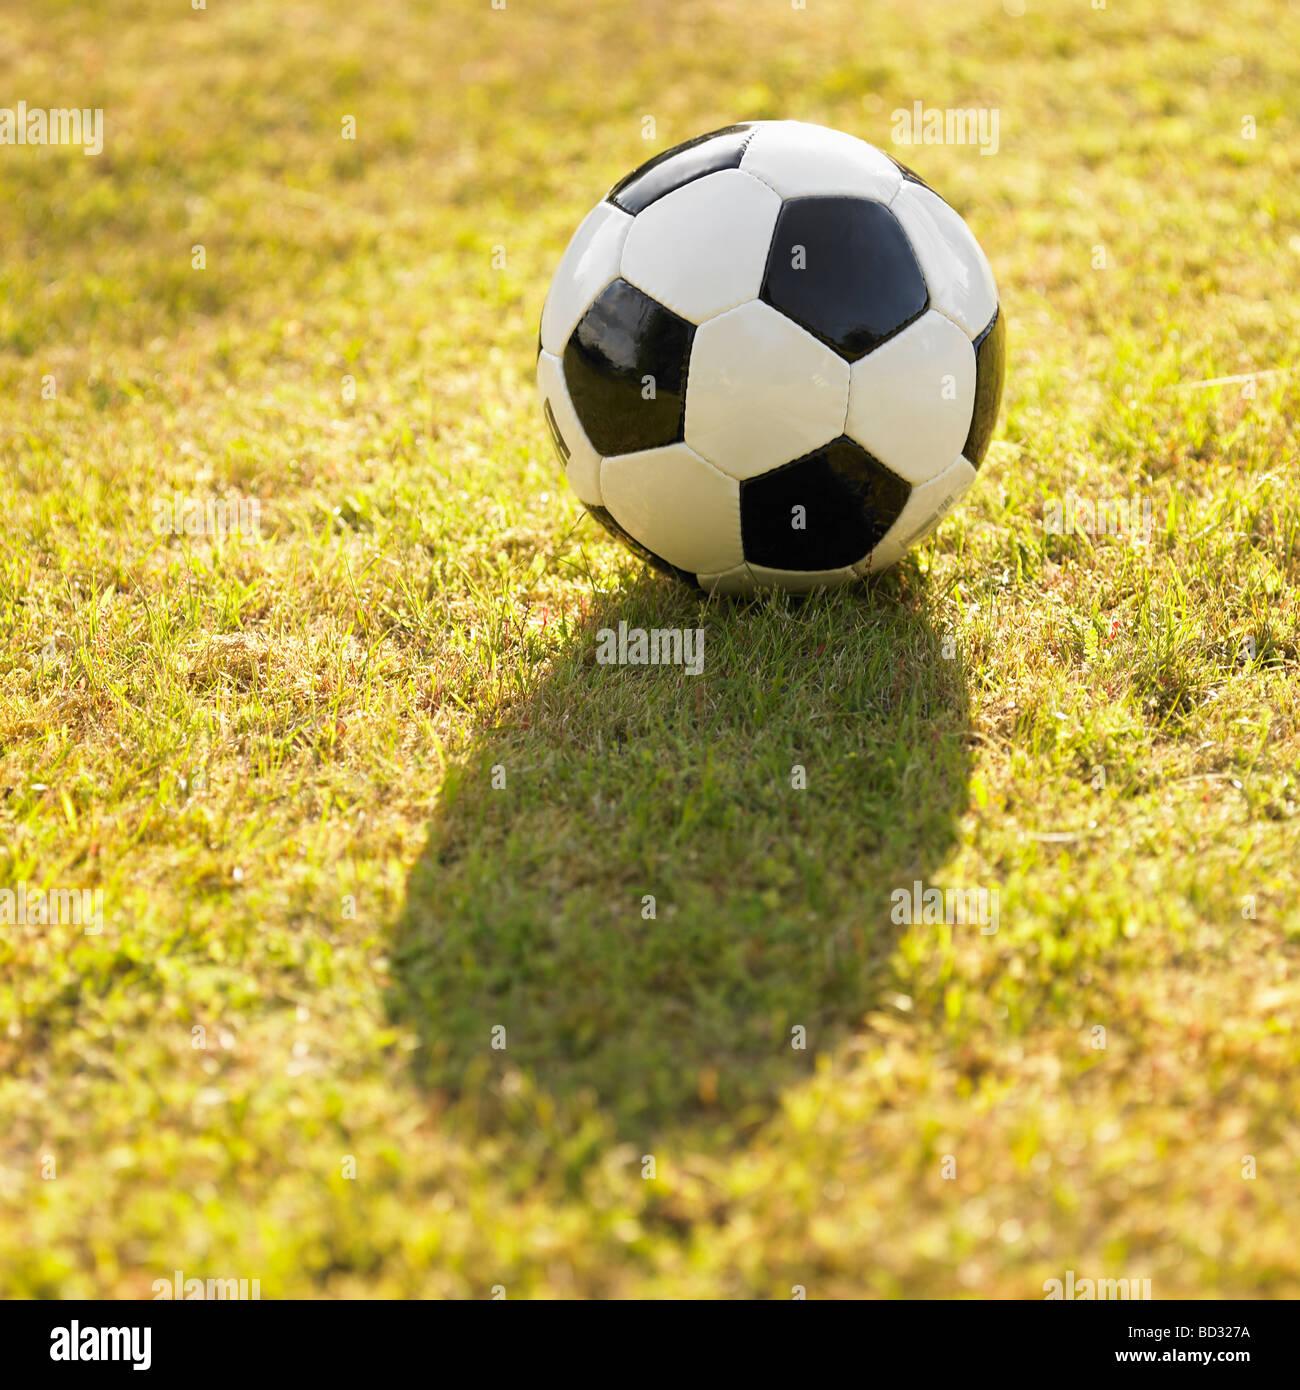 Noir et blanc en cuir générique / football ballon de football sur gazon, éclairé au soleil. Photo Stock